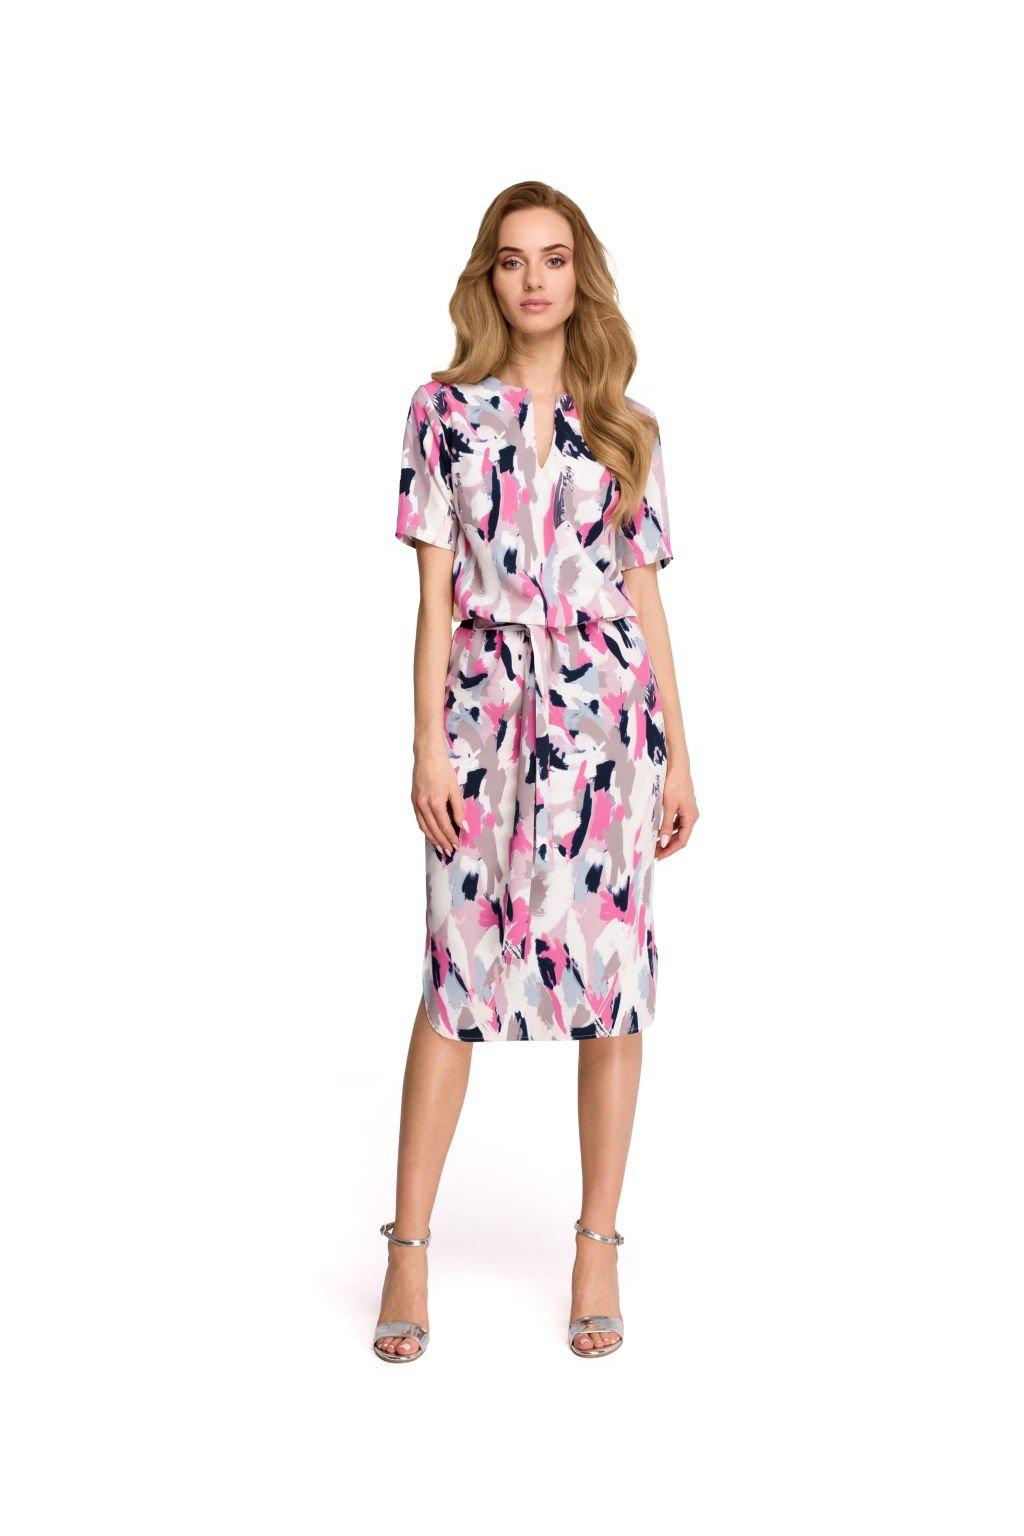 Letní šaty s potiskem Style S114 vzor 3 - SD-Fashion.cz bf0e7ad3a0